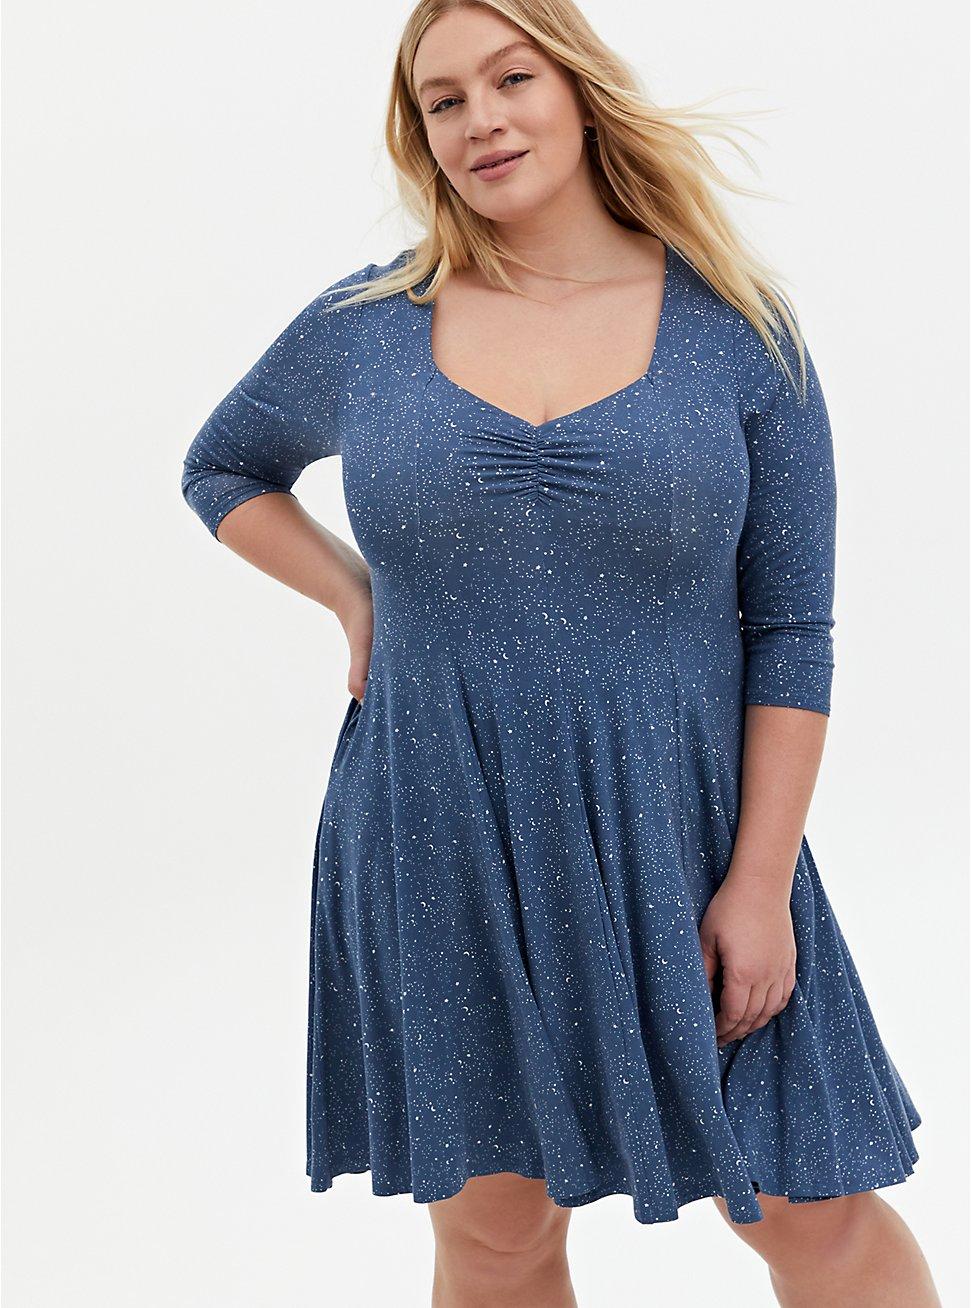 Super Soft Vintage Indigo Twinkle Skater Dress, STAR BLUE, hi-res